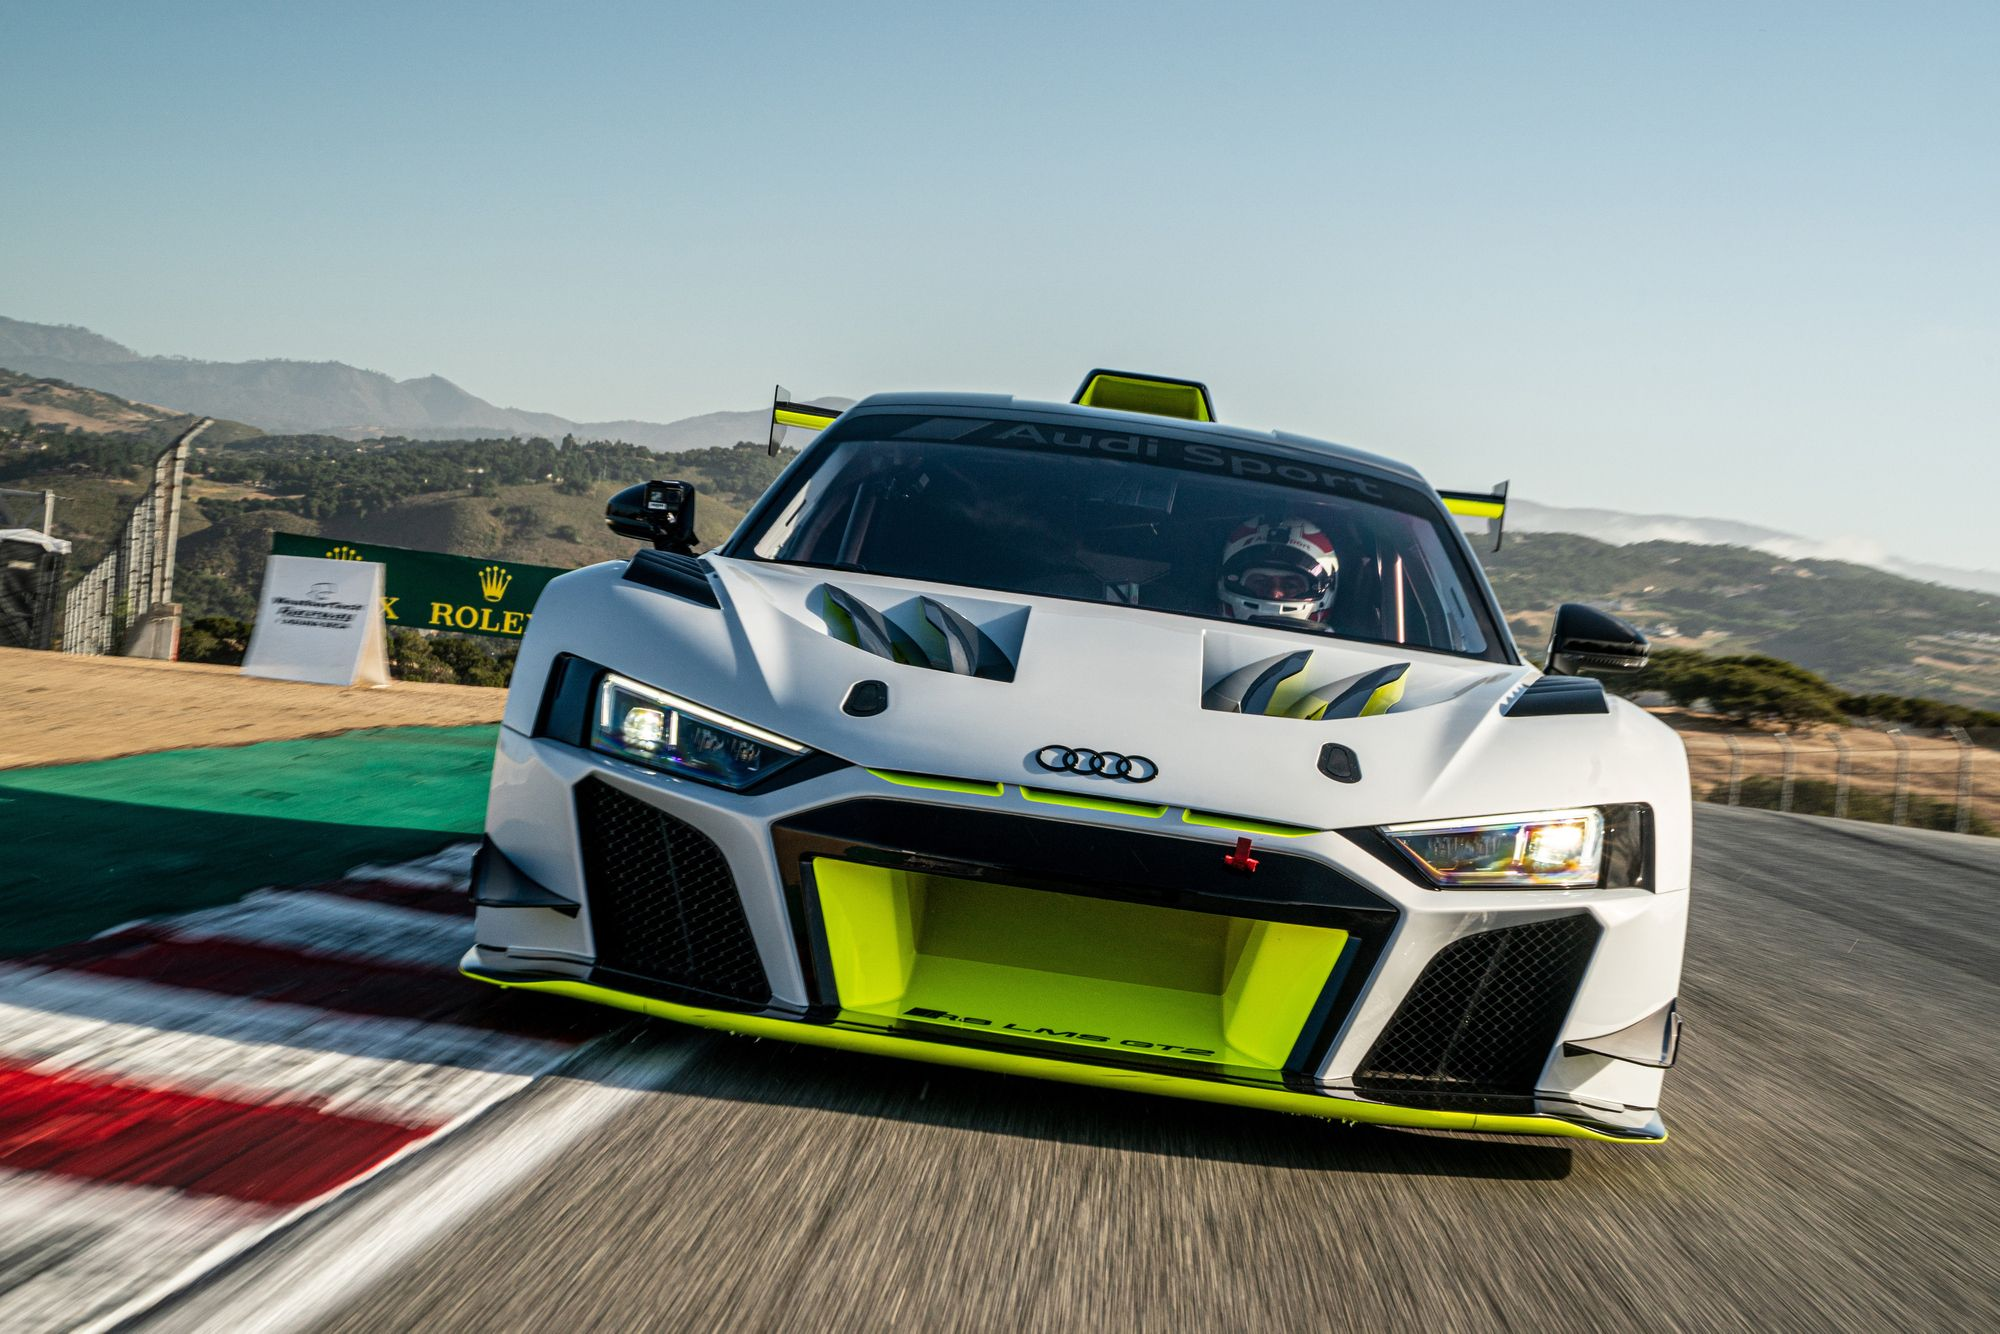 Audi R8 Lms Gt2 Erklart Von Mcchip Dkr Addicted To Motorsport In 2020 Audi R8 Audi Porsche 911 Gt2